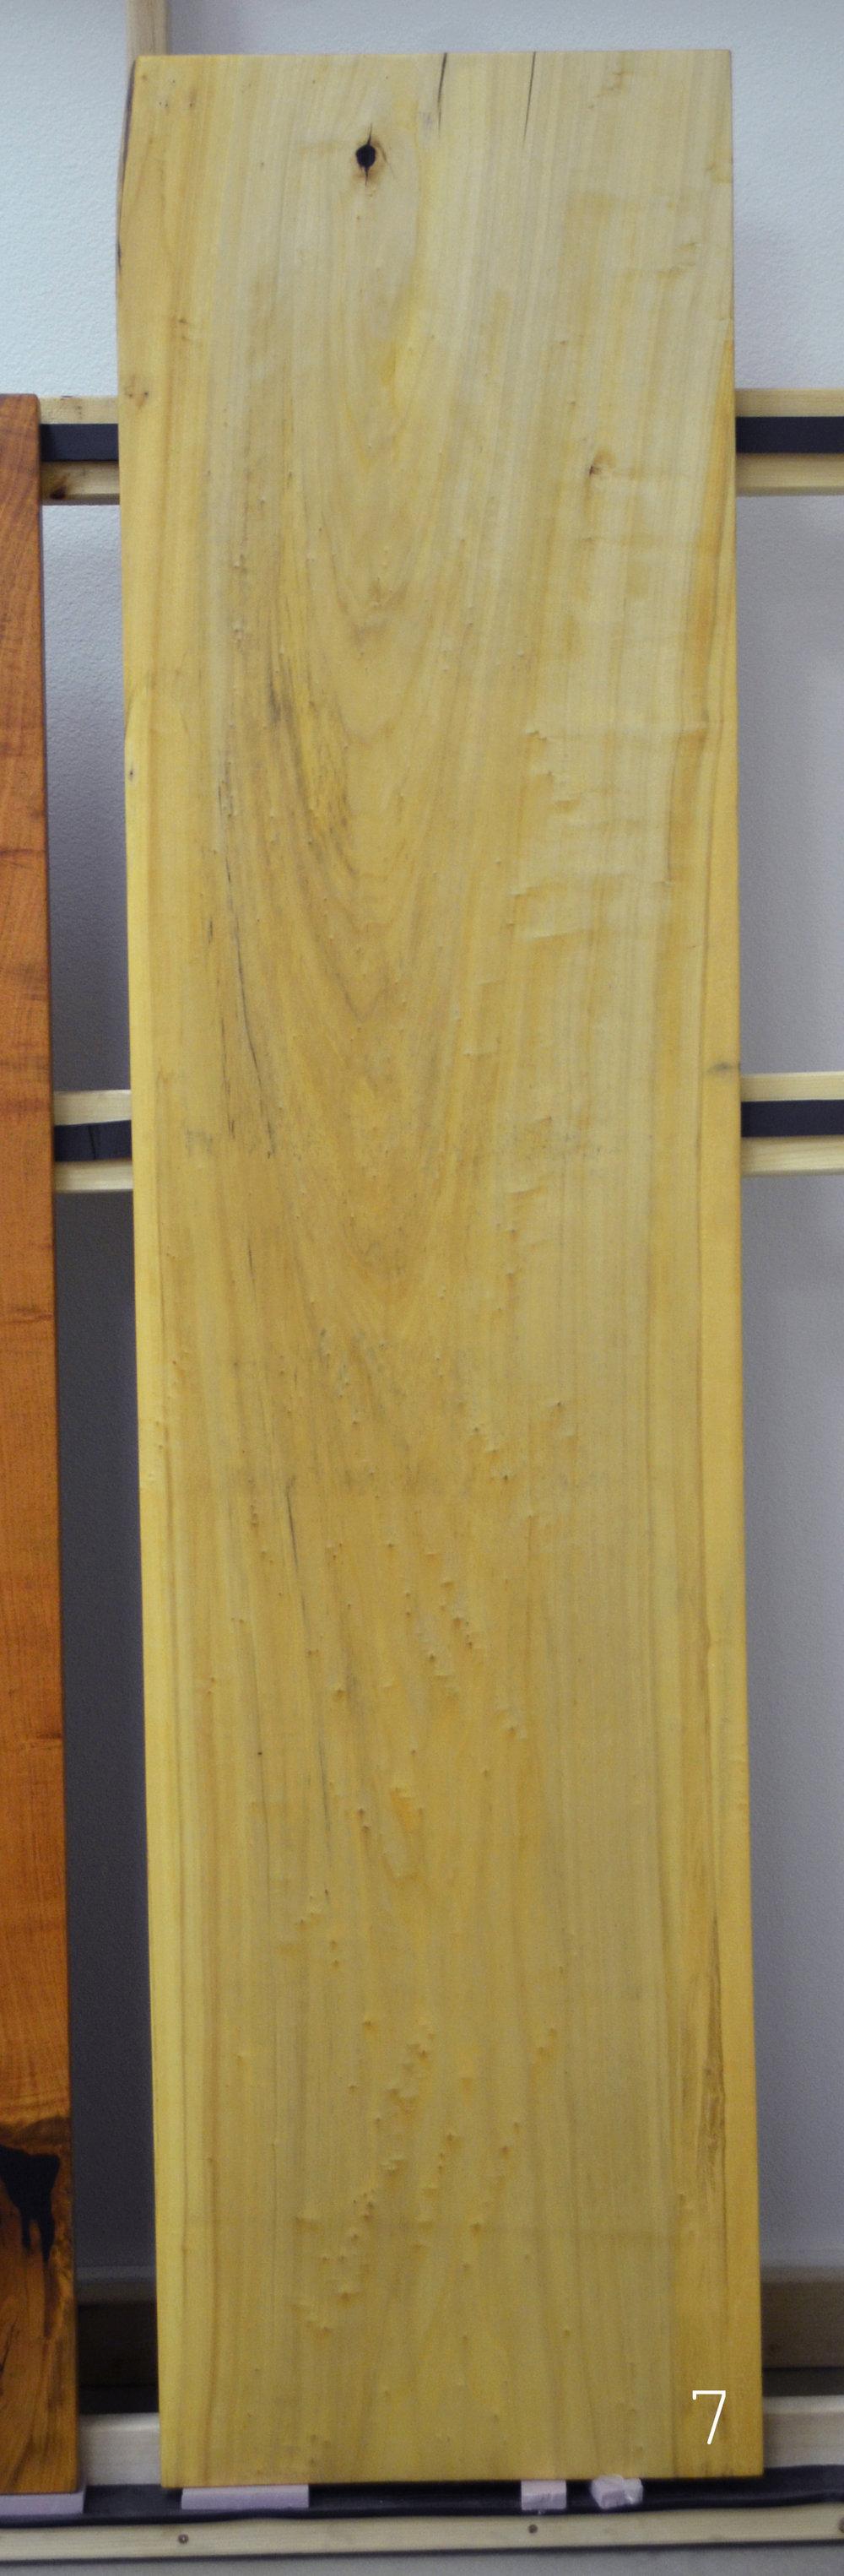 Live edge cottonwood slab